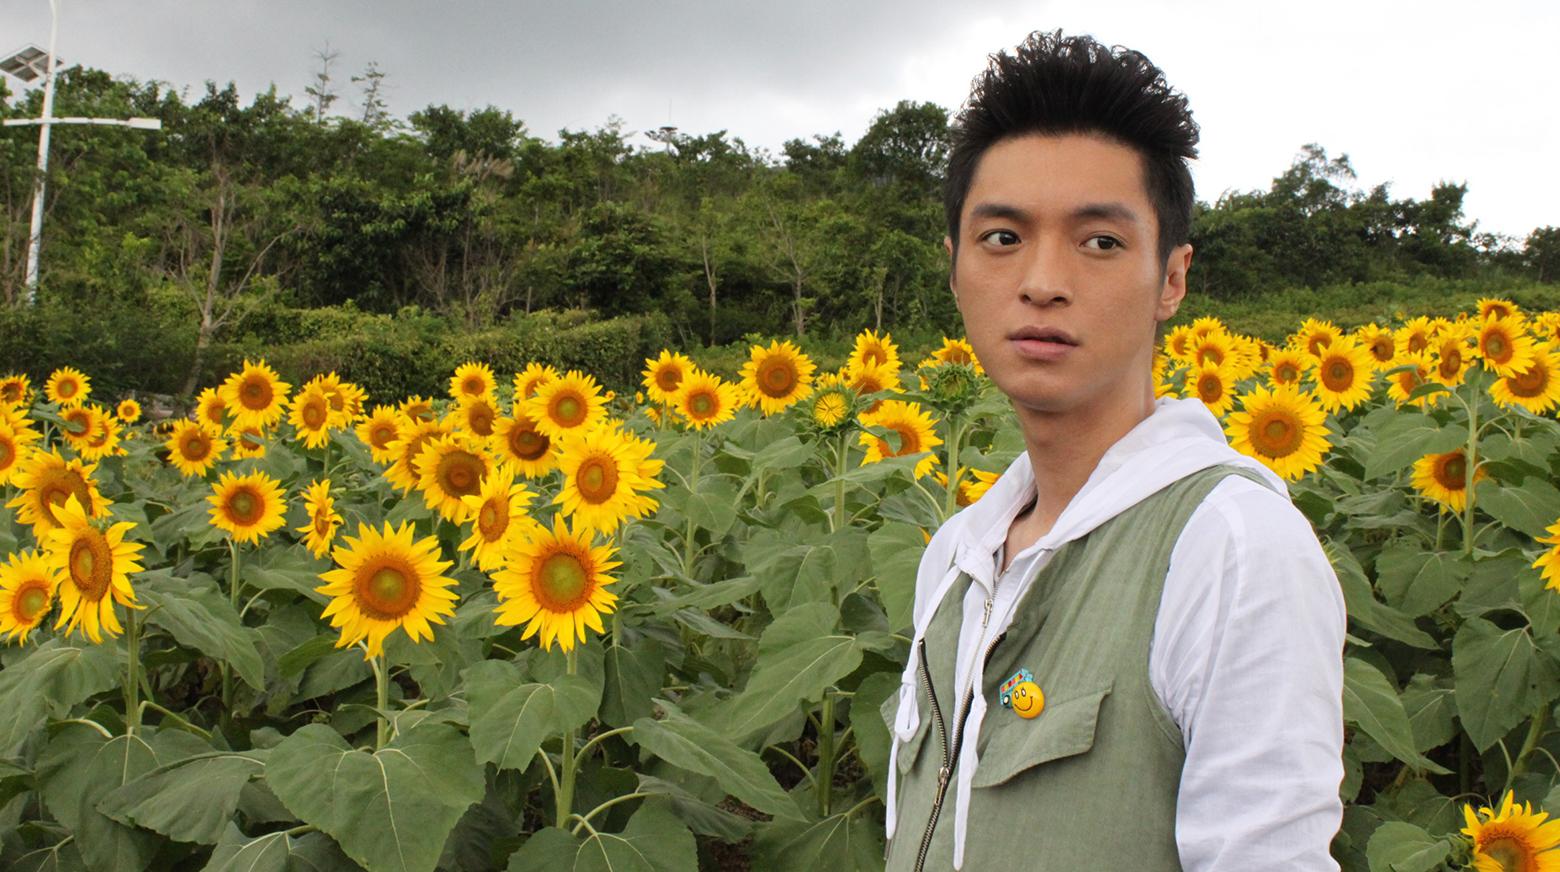 Girasoles en flor